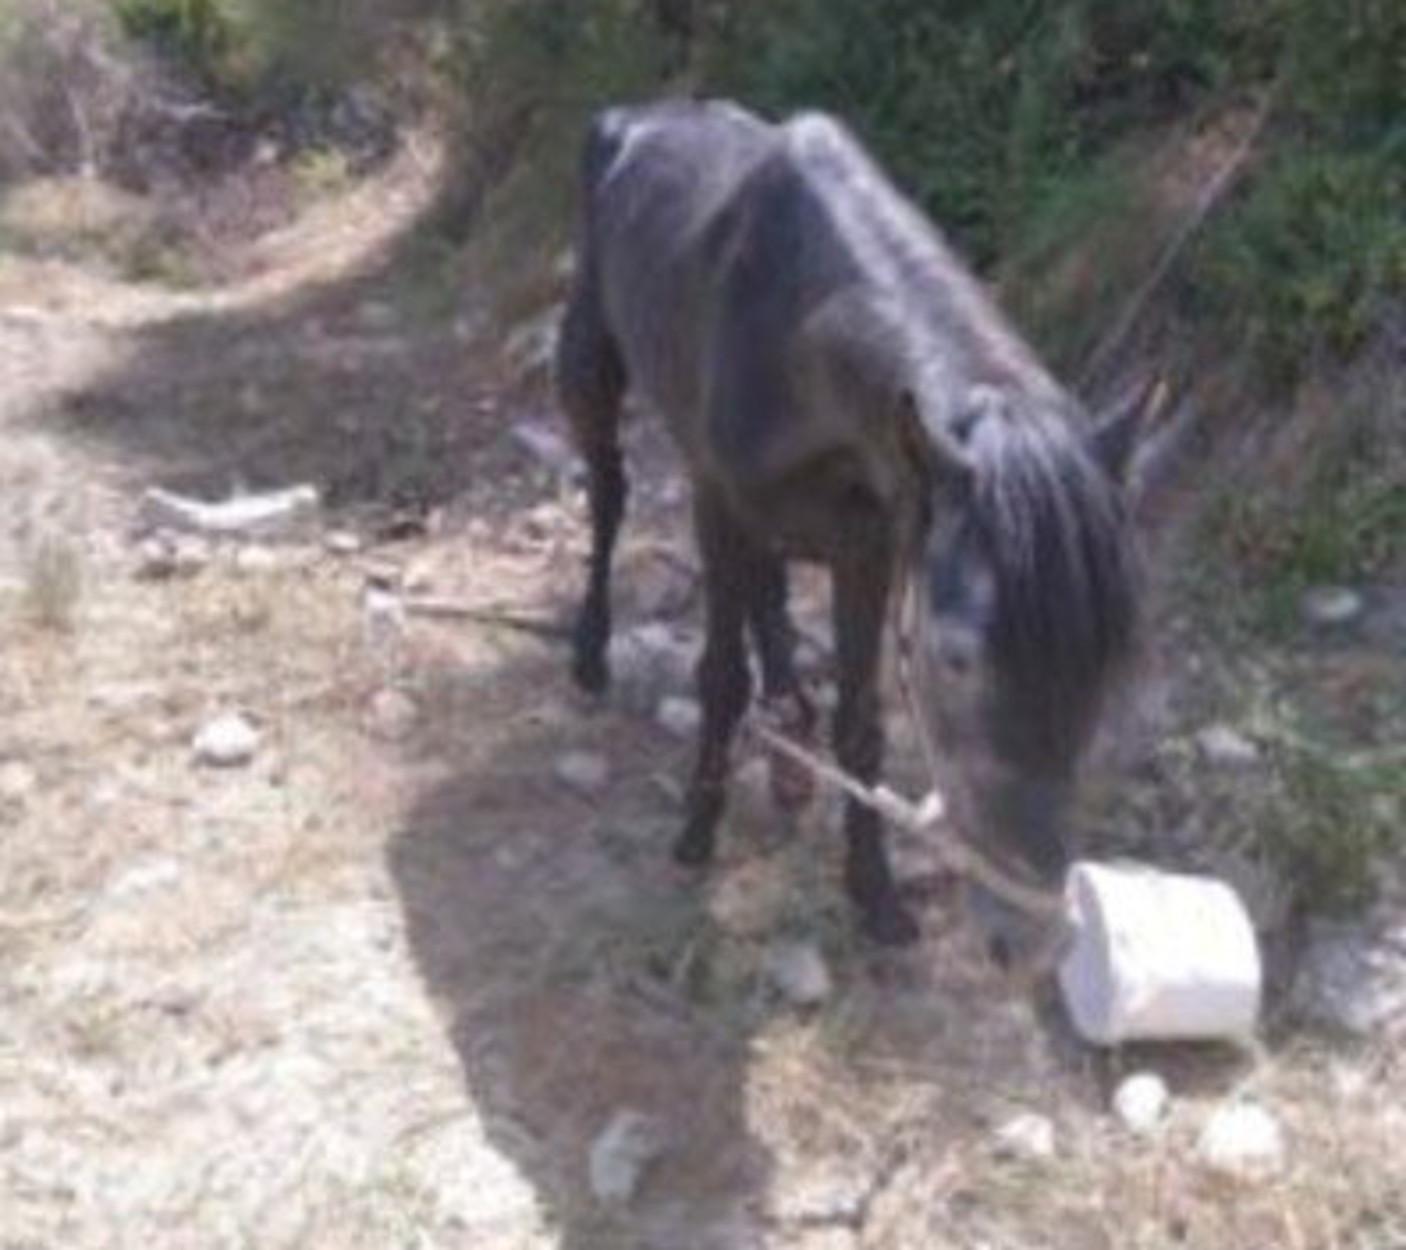 Ηράκλειο: «Μάγκας» βασάνιζε το άλογό του και του έκοψε το πόδι!